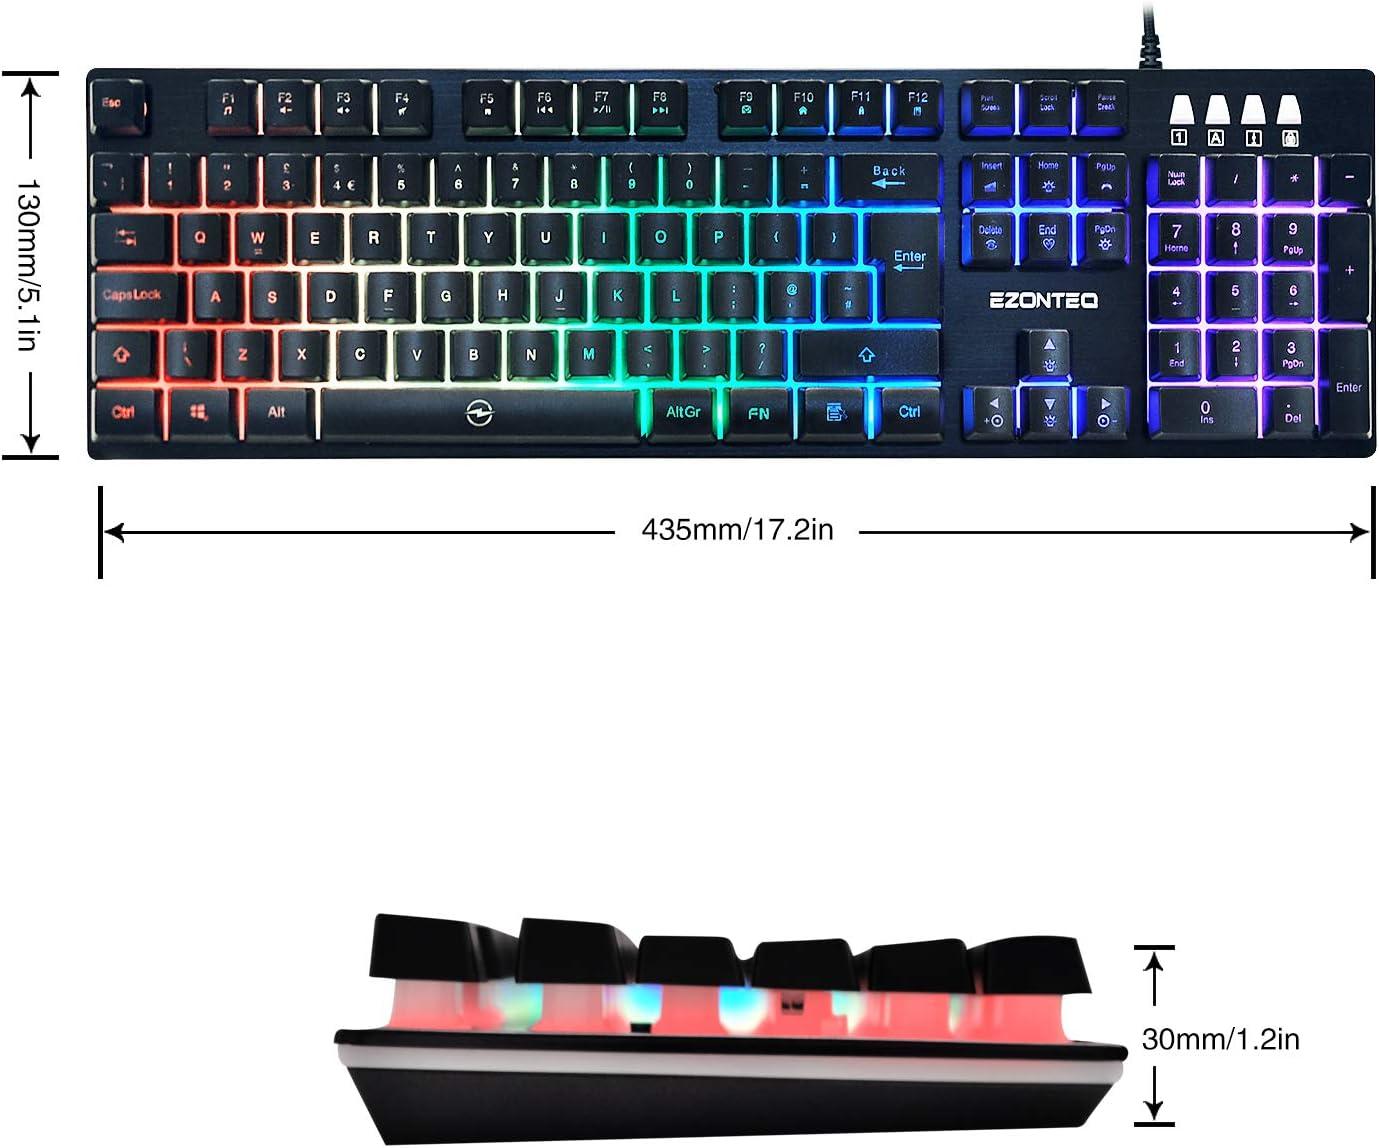 Teclado Mecánico RGB 104 Teclas US-Layout Keyboard USB con Cable LED de 6 colores Luz ajustableTeclado Gaming para PC Portátil Plug and play - Horsky